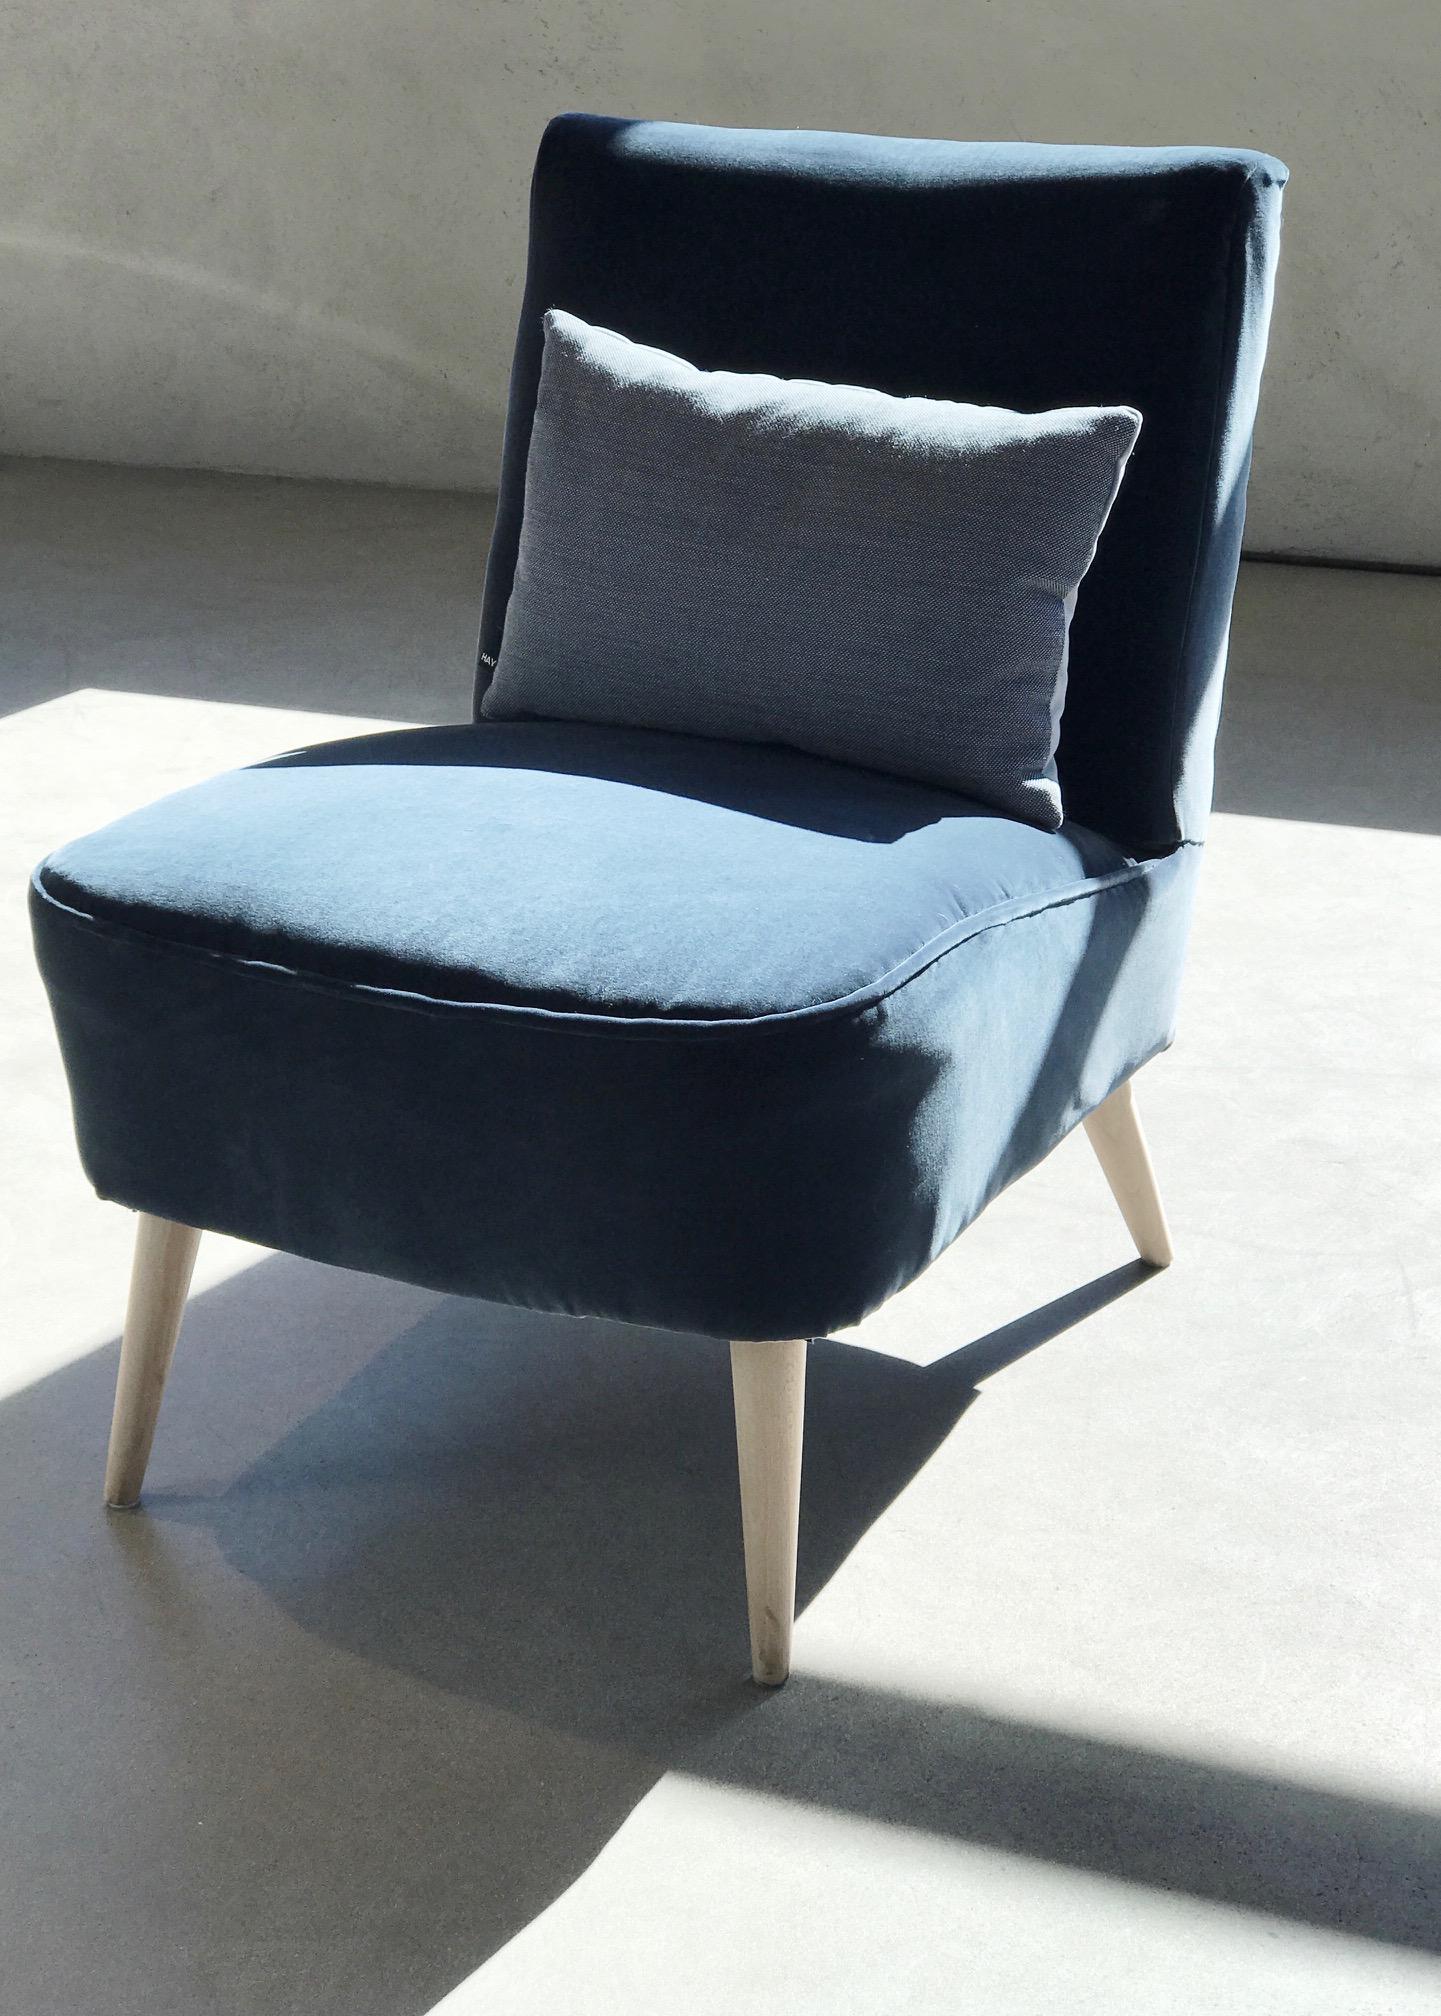 Vintage Fåtölj SELMA   Klädsel duvblå sammet  B 52 cm H 43 cm Djup 52 cm